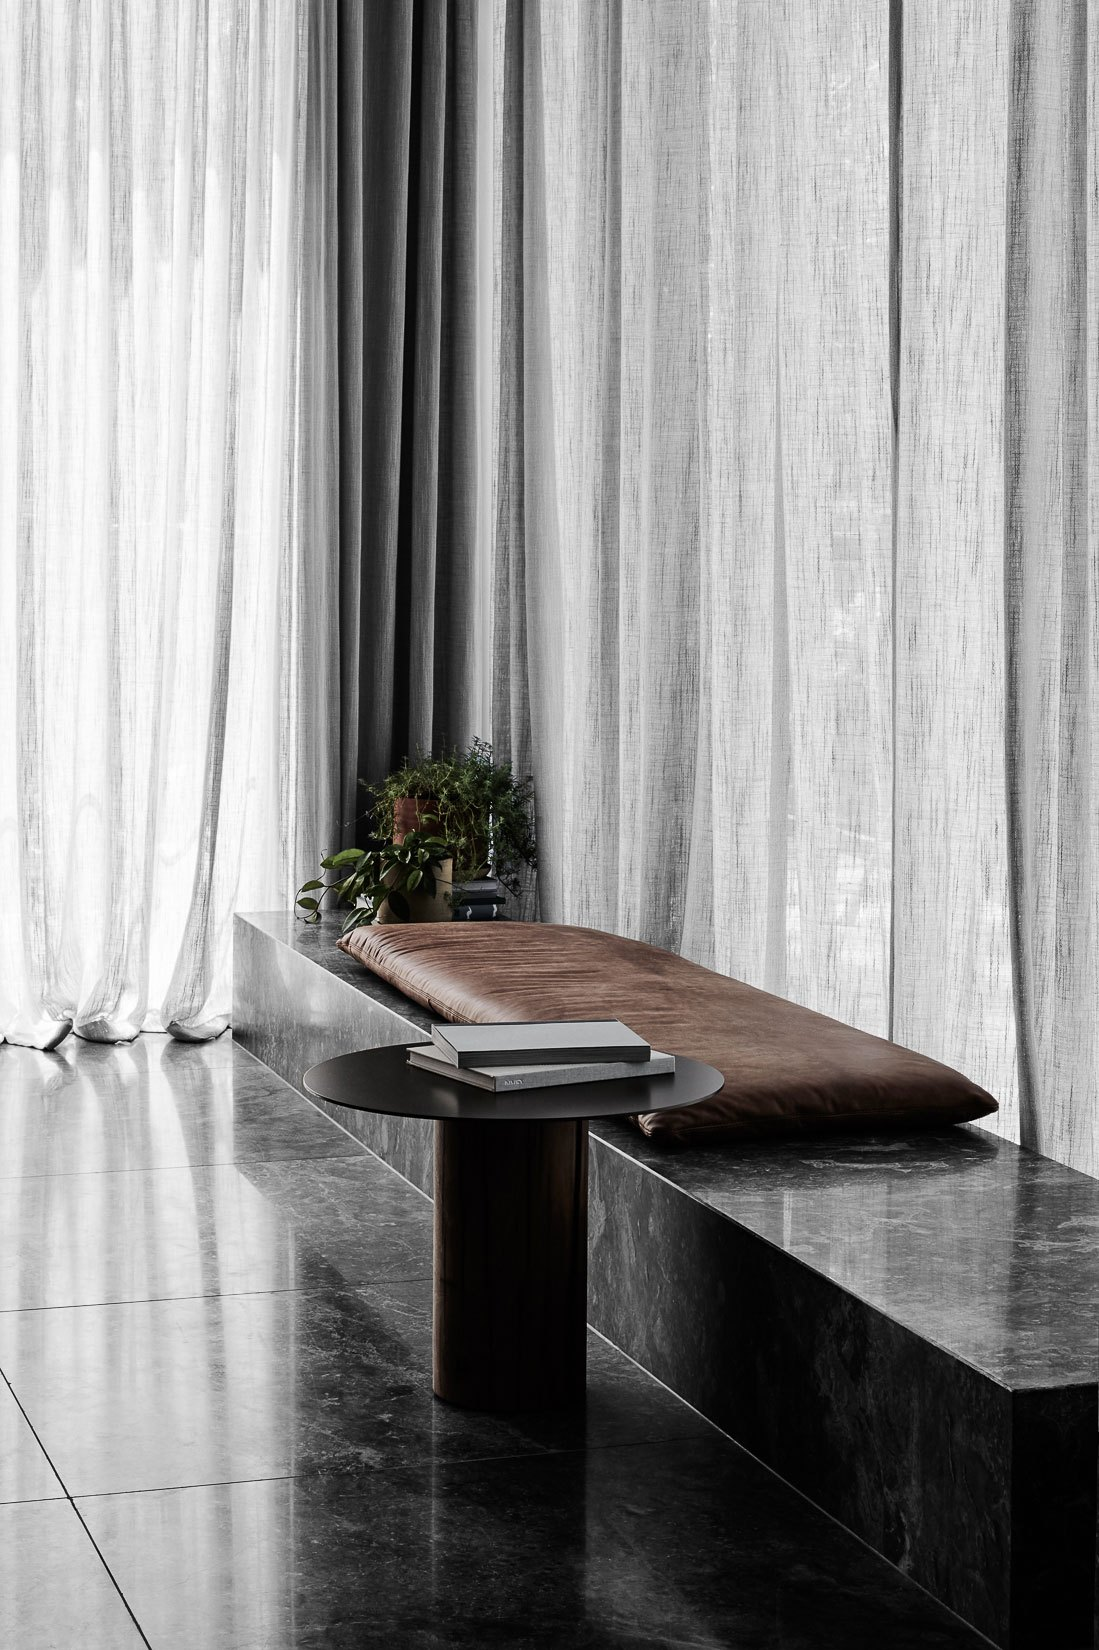 Mitchelton-Winery-Hotel-in-Nagambie-Hecker-Guthrie-Tom-Blachford-2.jpg